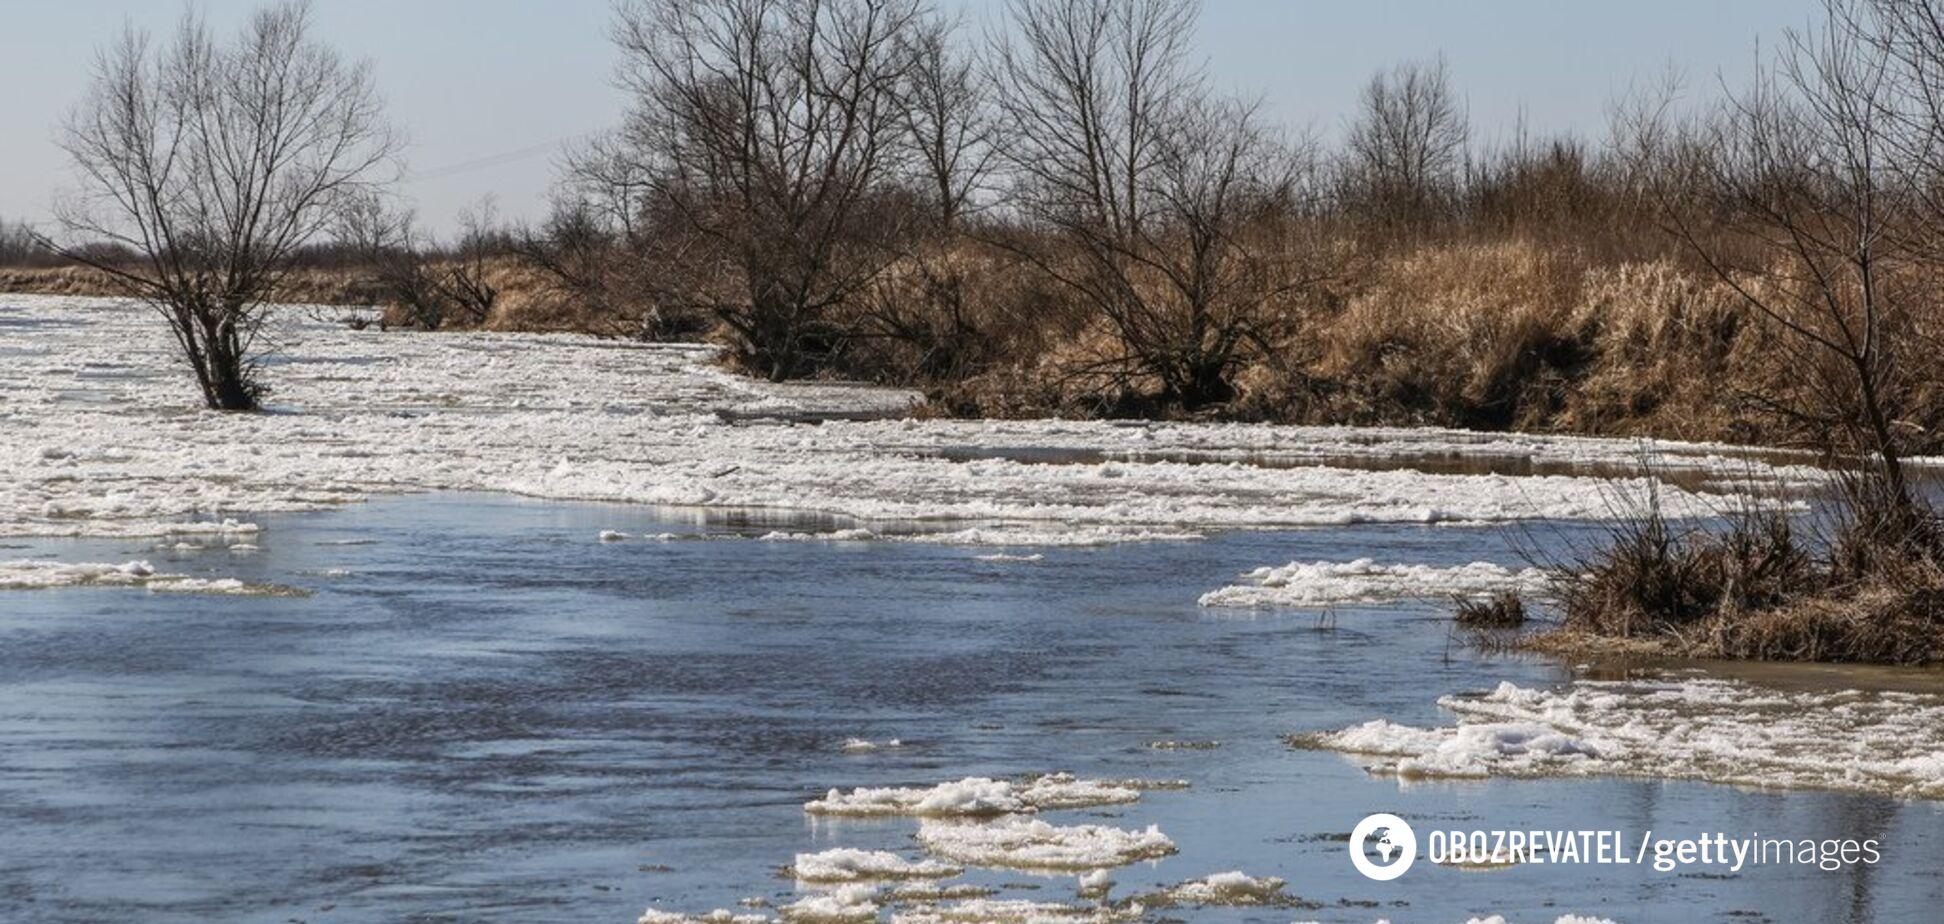 Тело долго плавало на льдине: выяснились подробности страшной смерти ребенка на Волыни